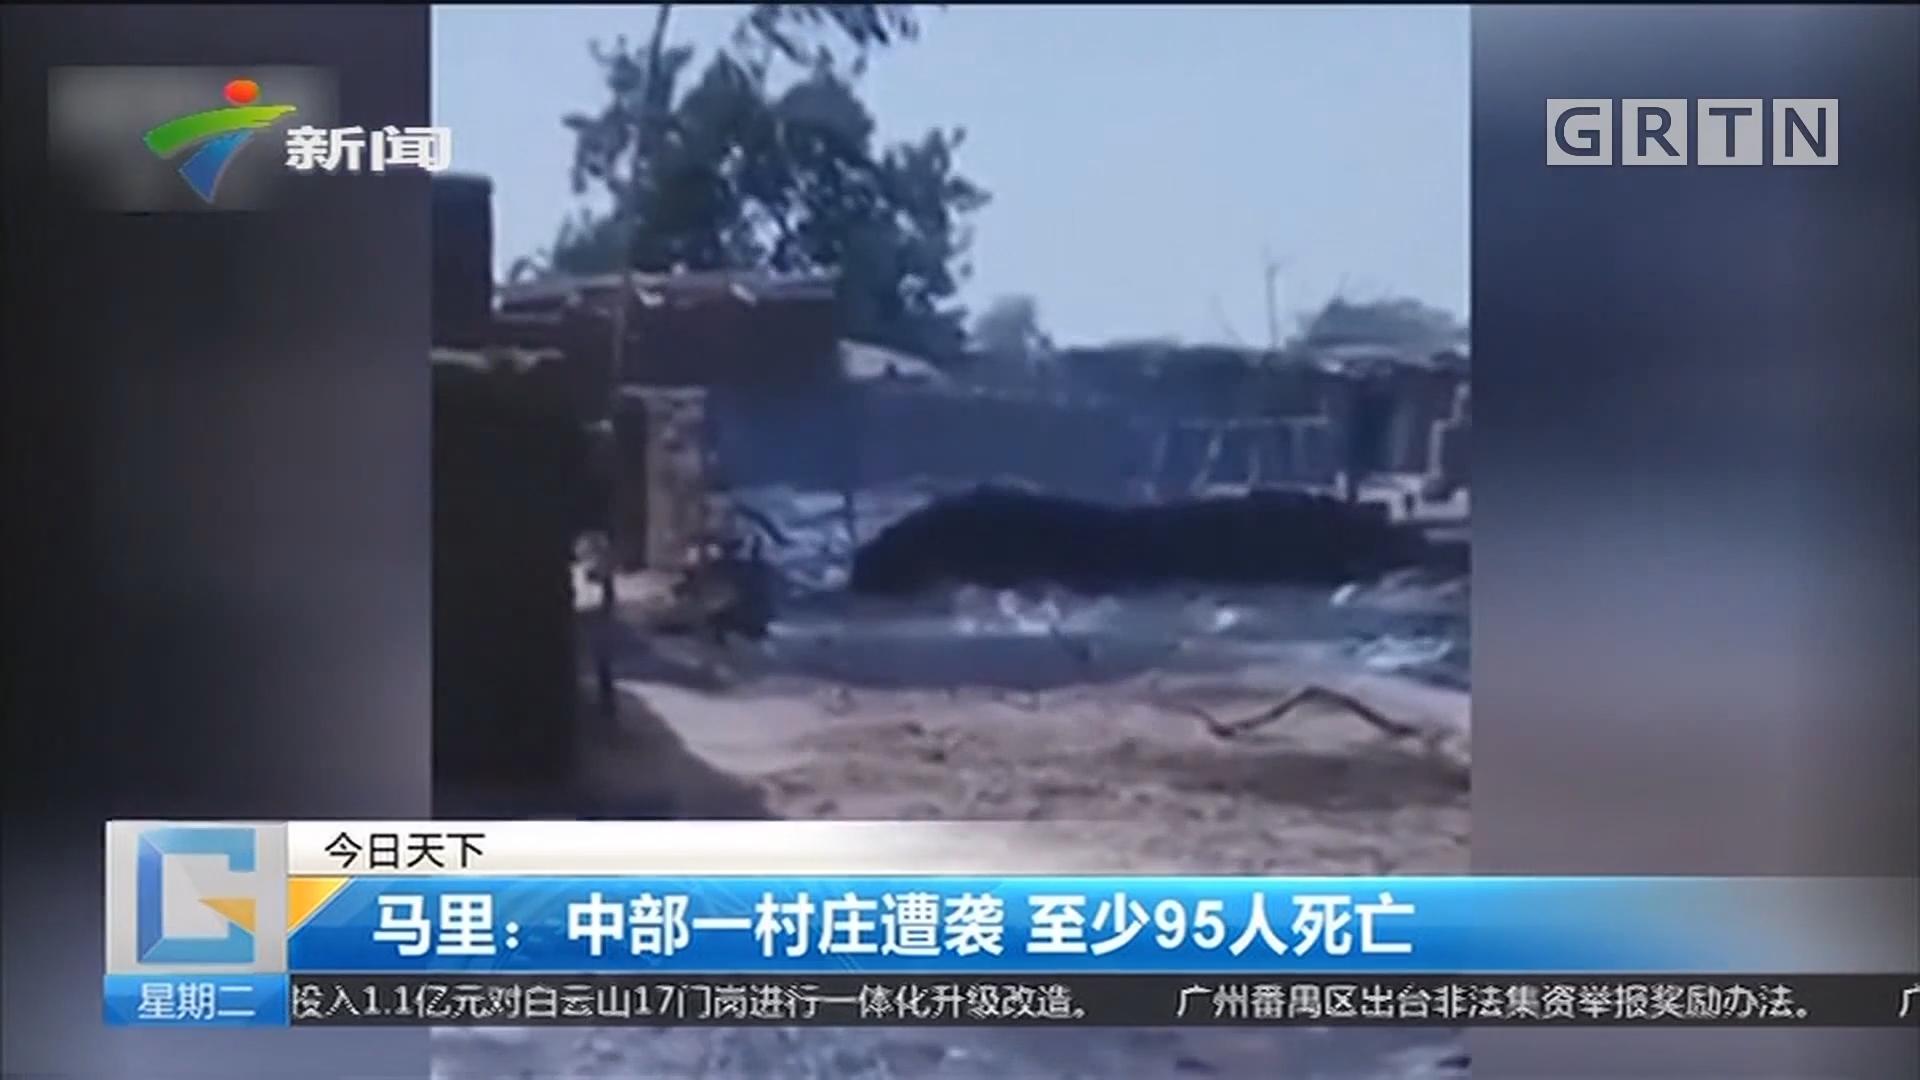 马里:中部一村庄遭袭 至少95人死亡